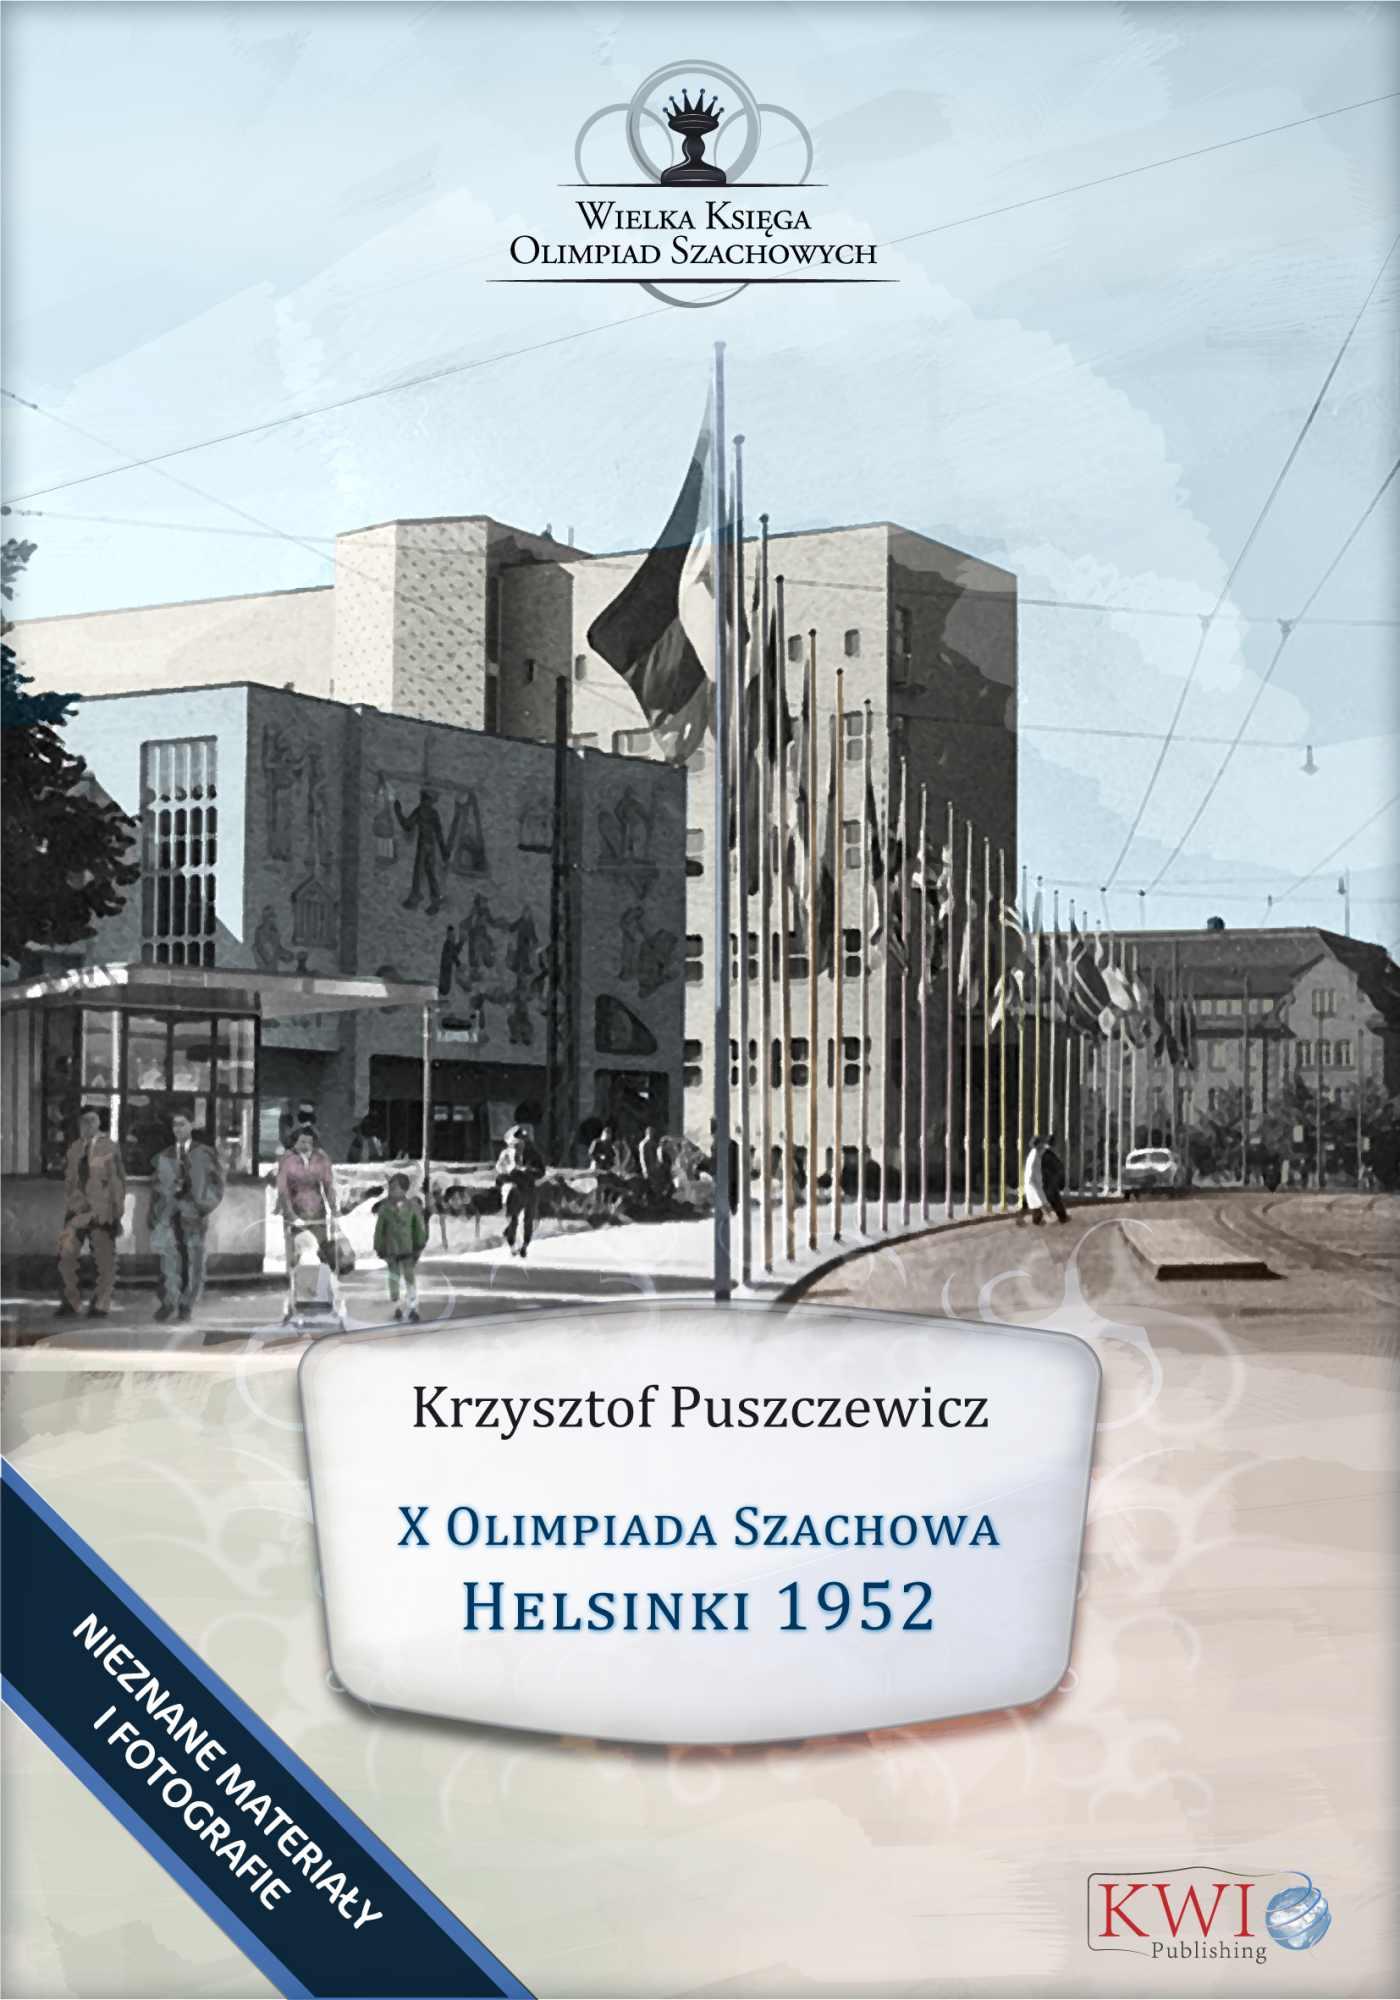 X Olimpiada Szachowa – Helsinki 1952 - Ebook (Książka na Kindle) do pobrania w formacie MOBI